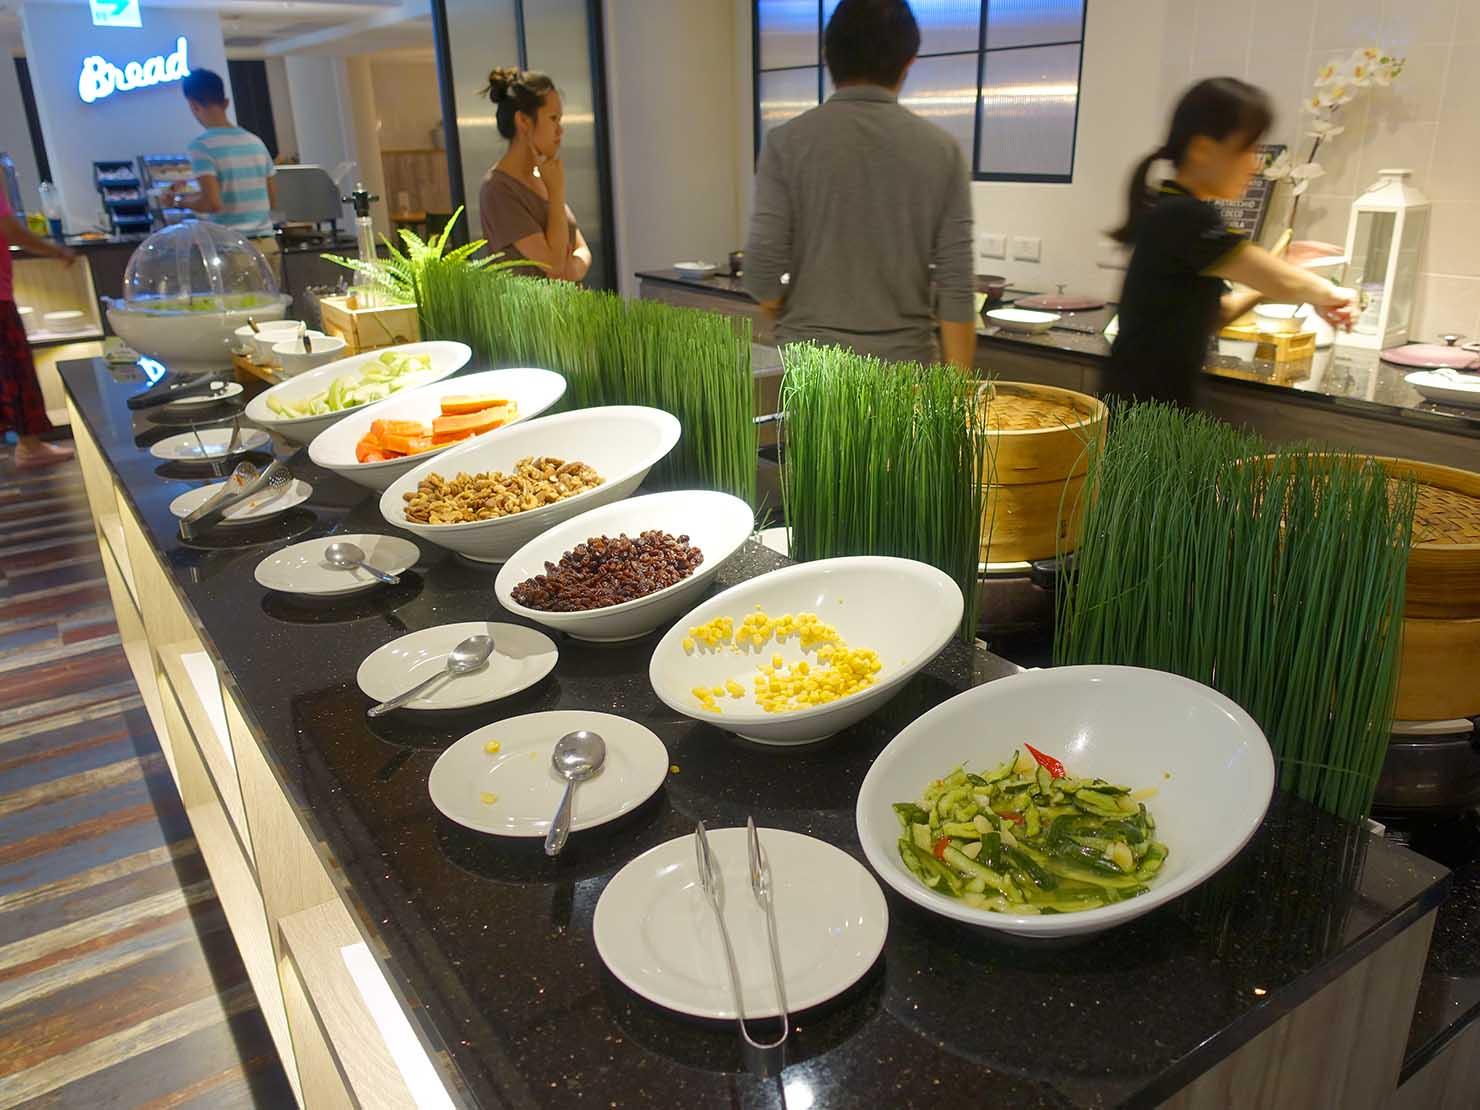 高雄・西子灣の港に立つ海辺のホテル「碧港良居 Watermark Hotel」の朝食ビュッフェ(サラダ)